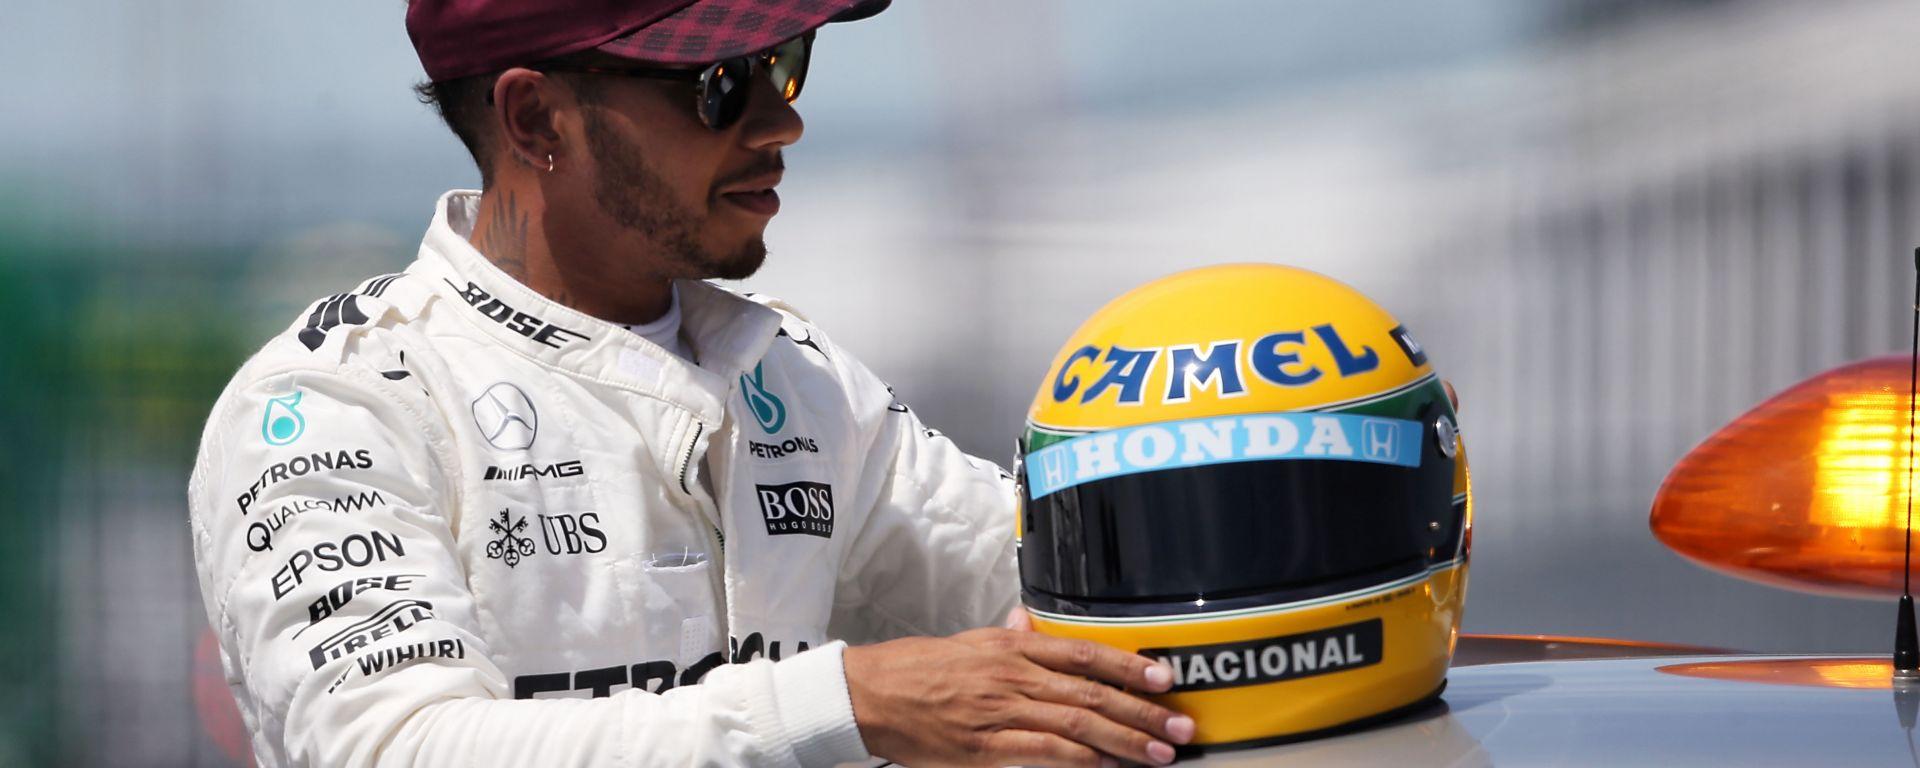 F1, GP Canada 2017: Lewis Hamilton con il casco di Ayrton Senna